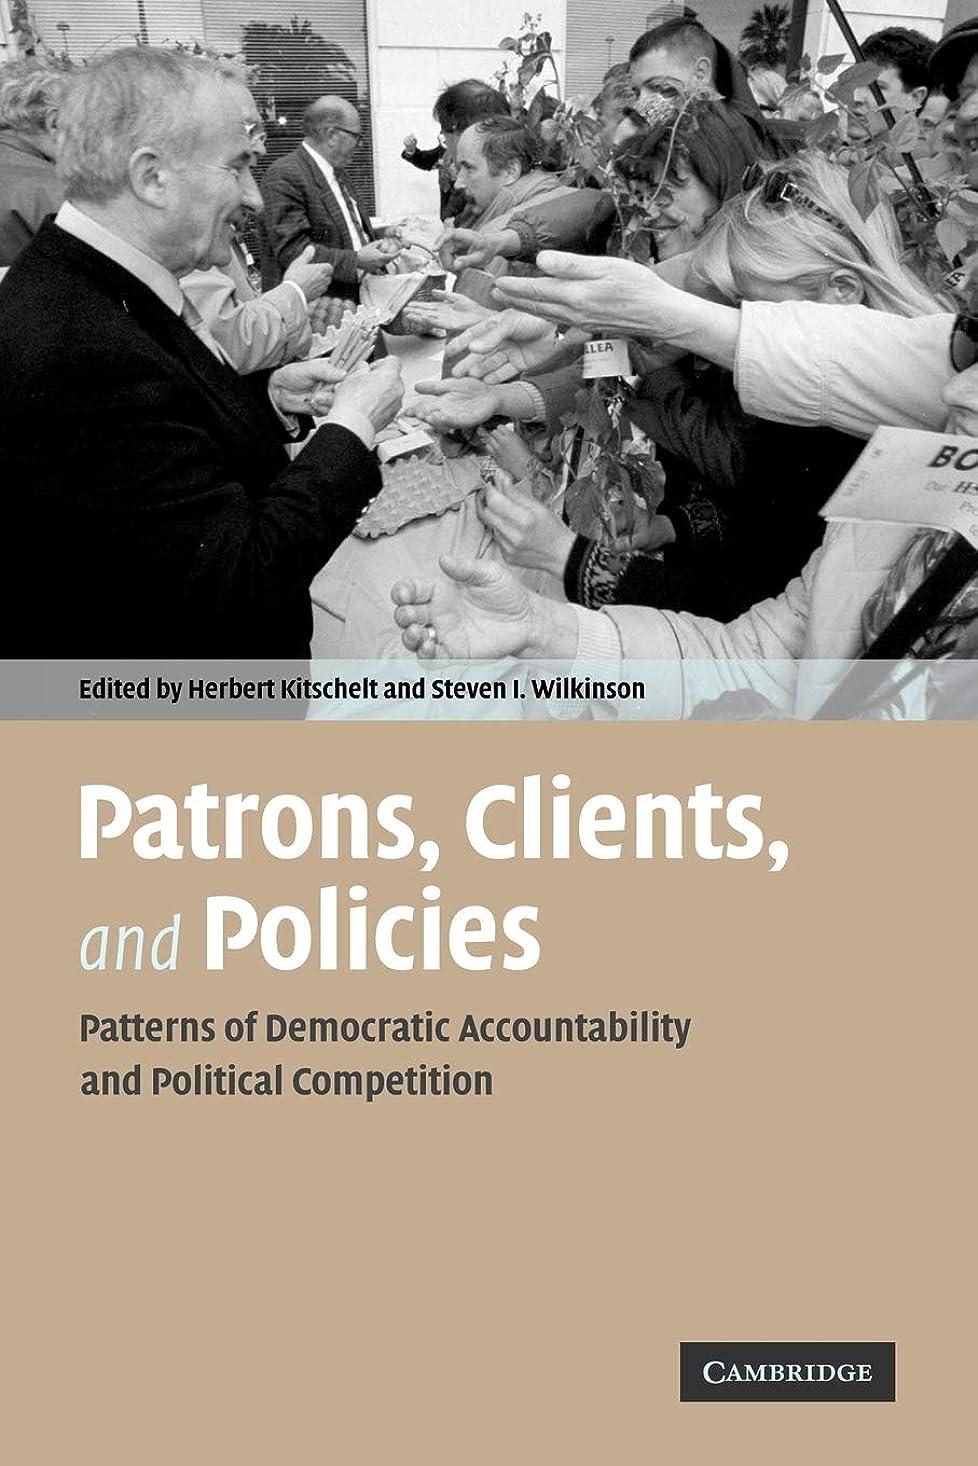 ベアリングサークル細菌三角形Patrons, Clients and Policies: Patterns of Democratic Accountability and Political Competition